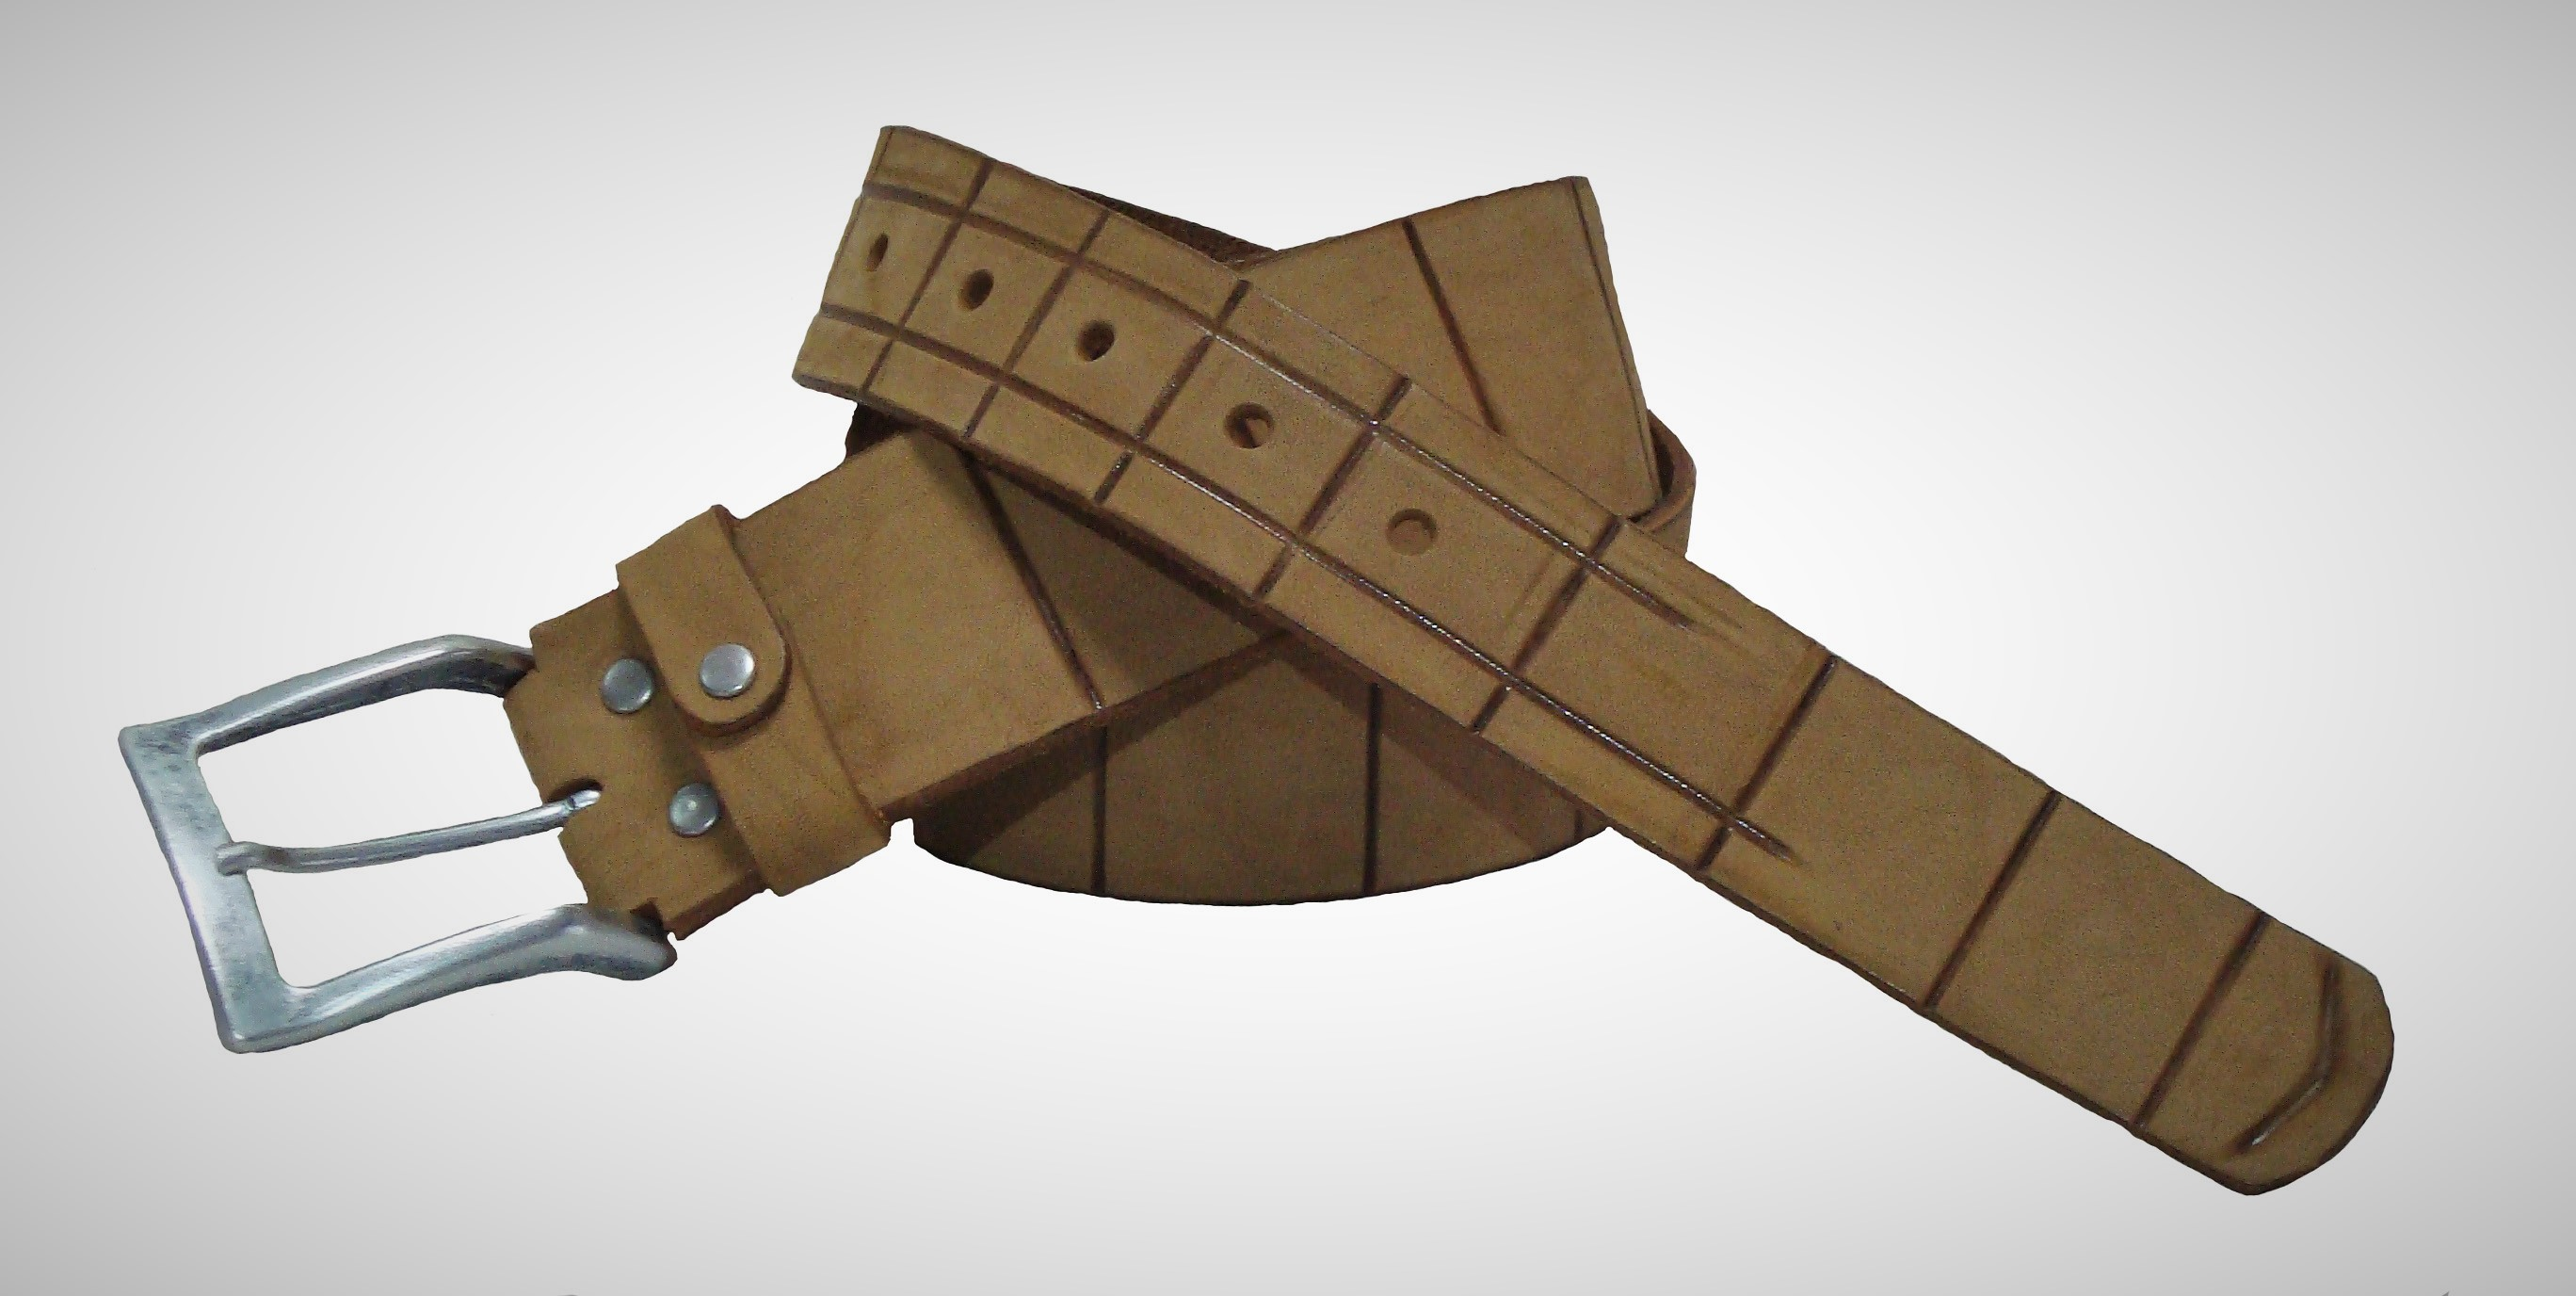 Ремень Модель № 12Сумки и др. изделия из кожи<br>Общая длинна ремня: 105 см <br>Ширина ремня: 5 - 3,5 см <br>Толщина ремня: 3,5 мм <br>Размер ремня - обхват талии: 83 - 93 см<br><br>Тип: Ремень<br>Размер: -<br>Материал: Натуральная кожа